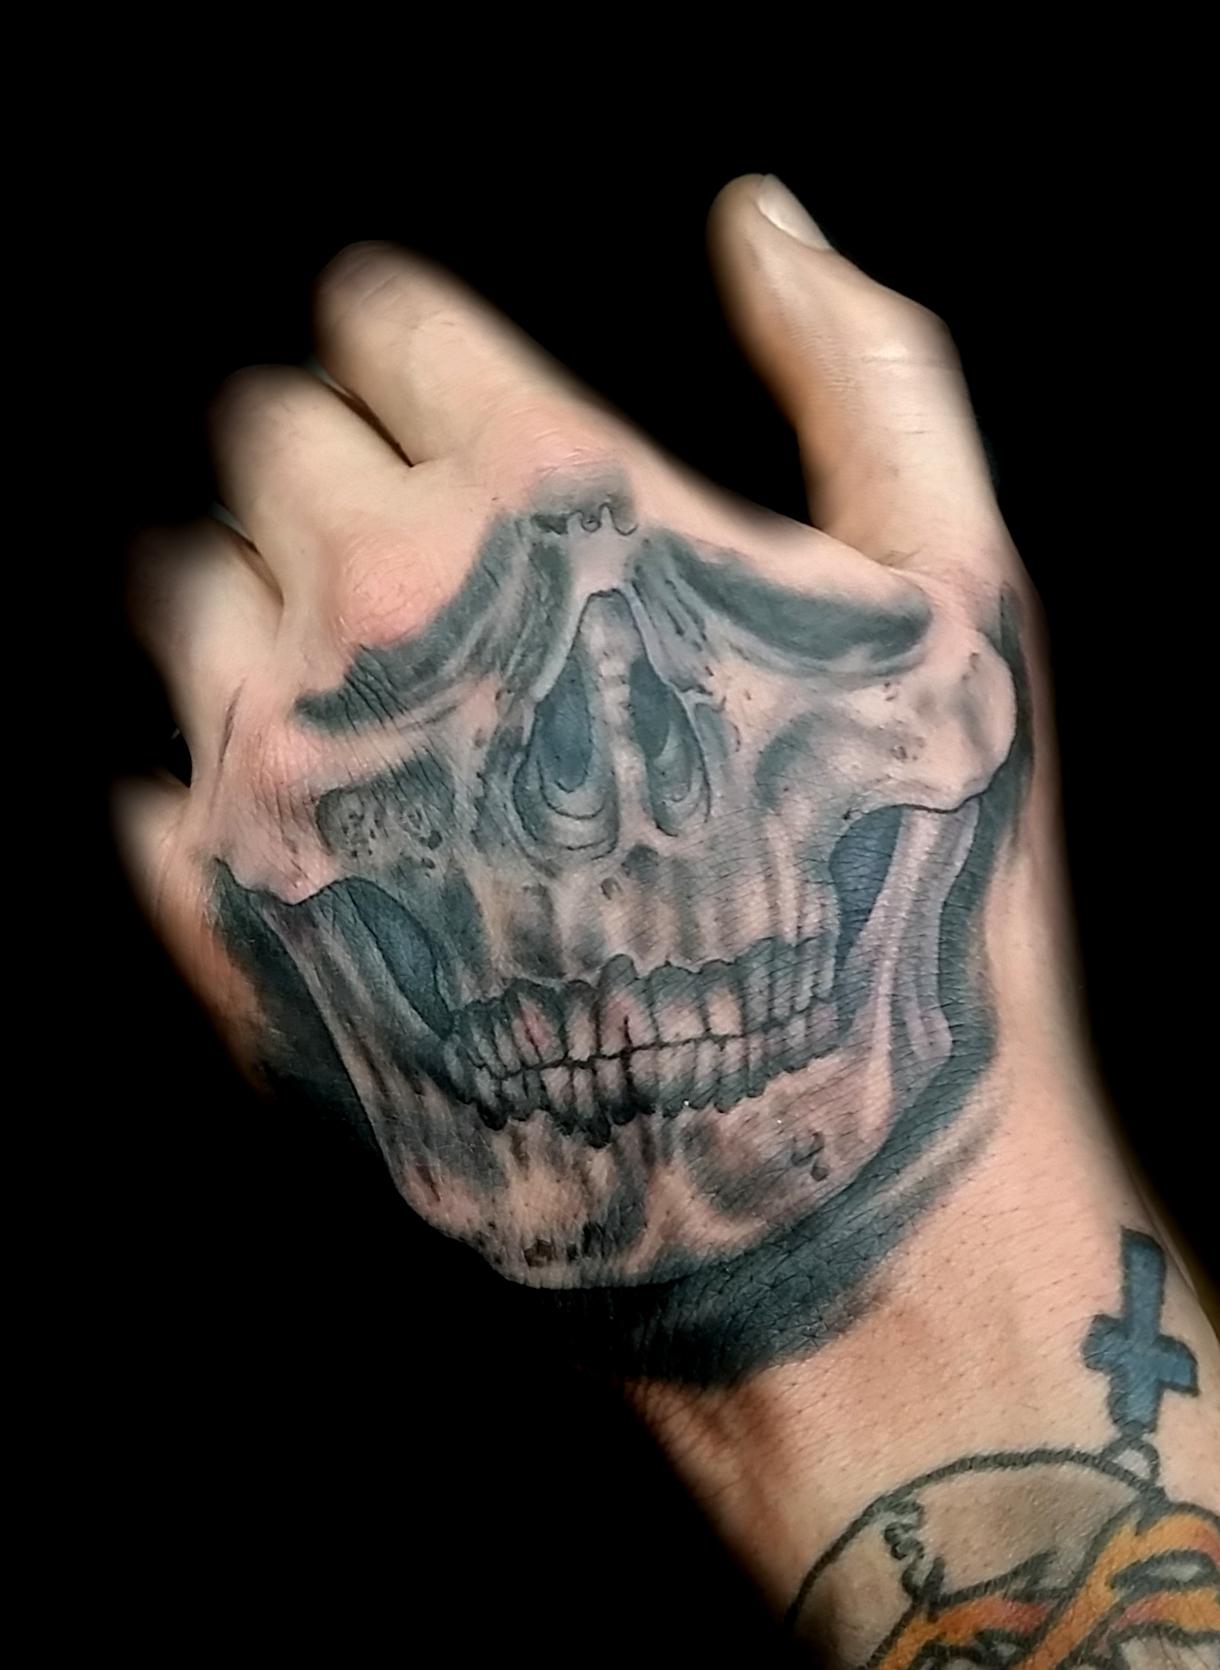 skull hand - left hand